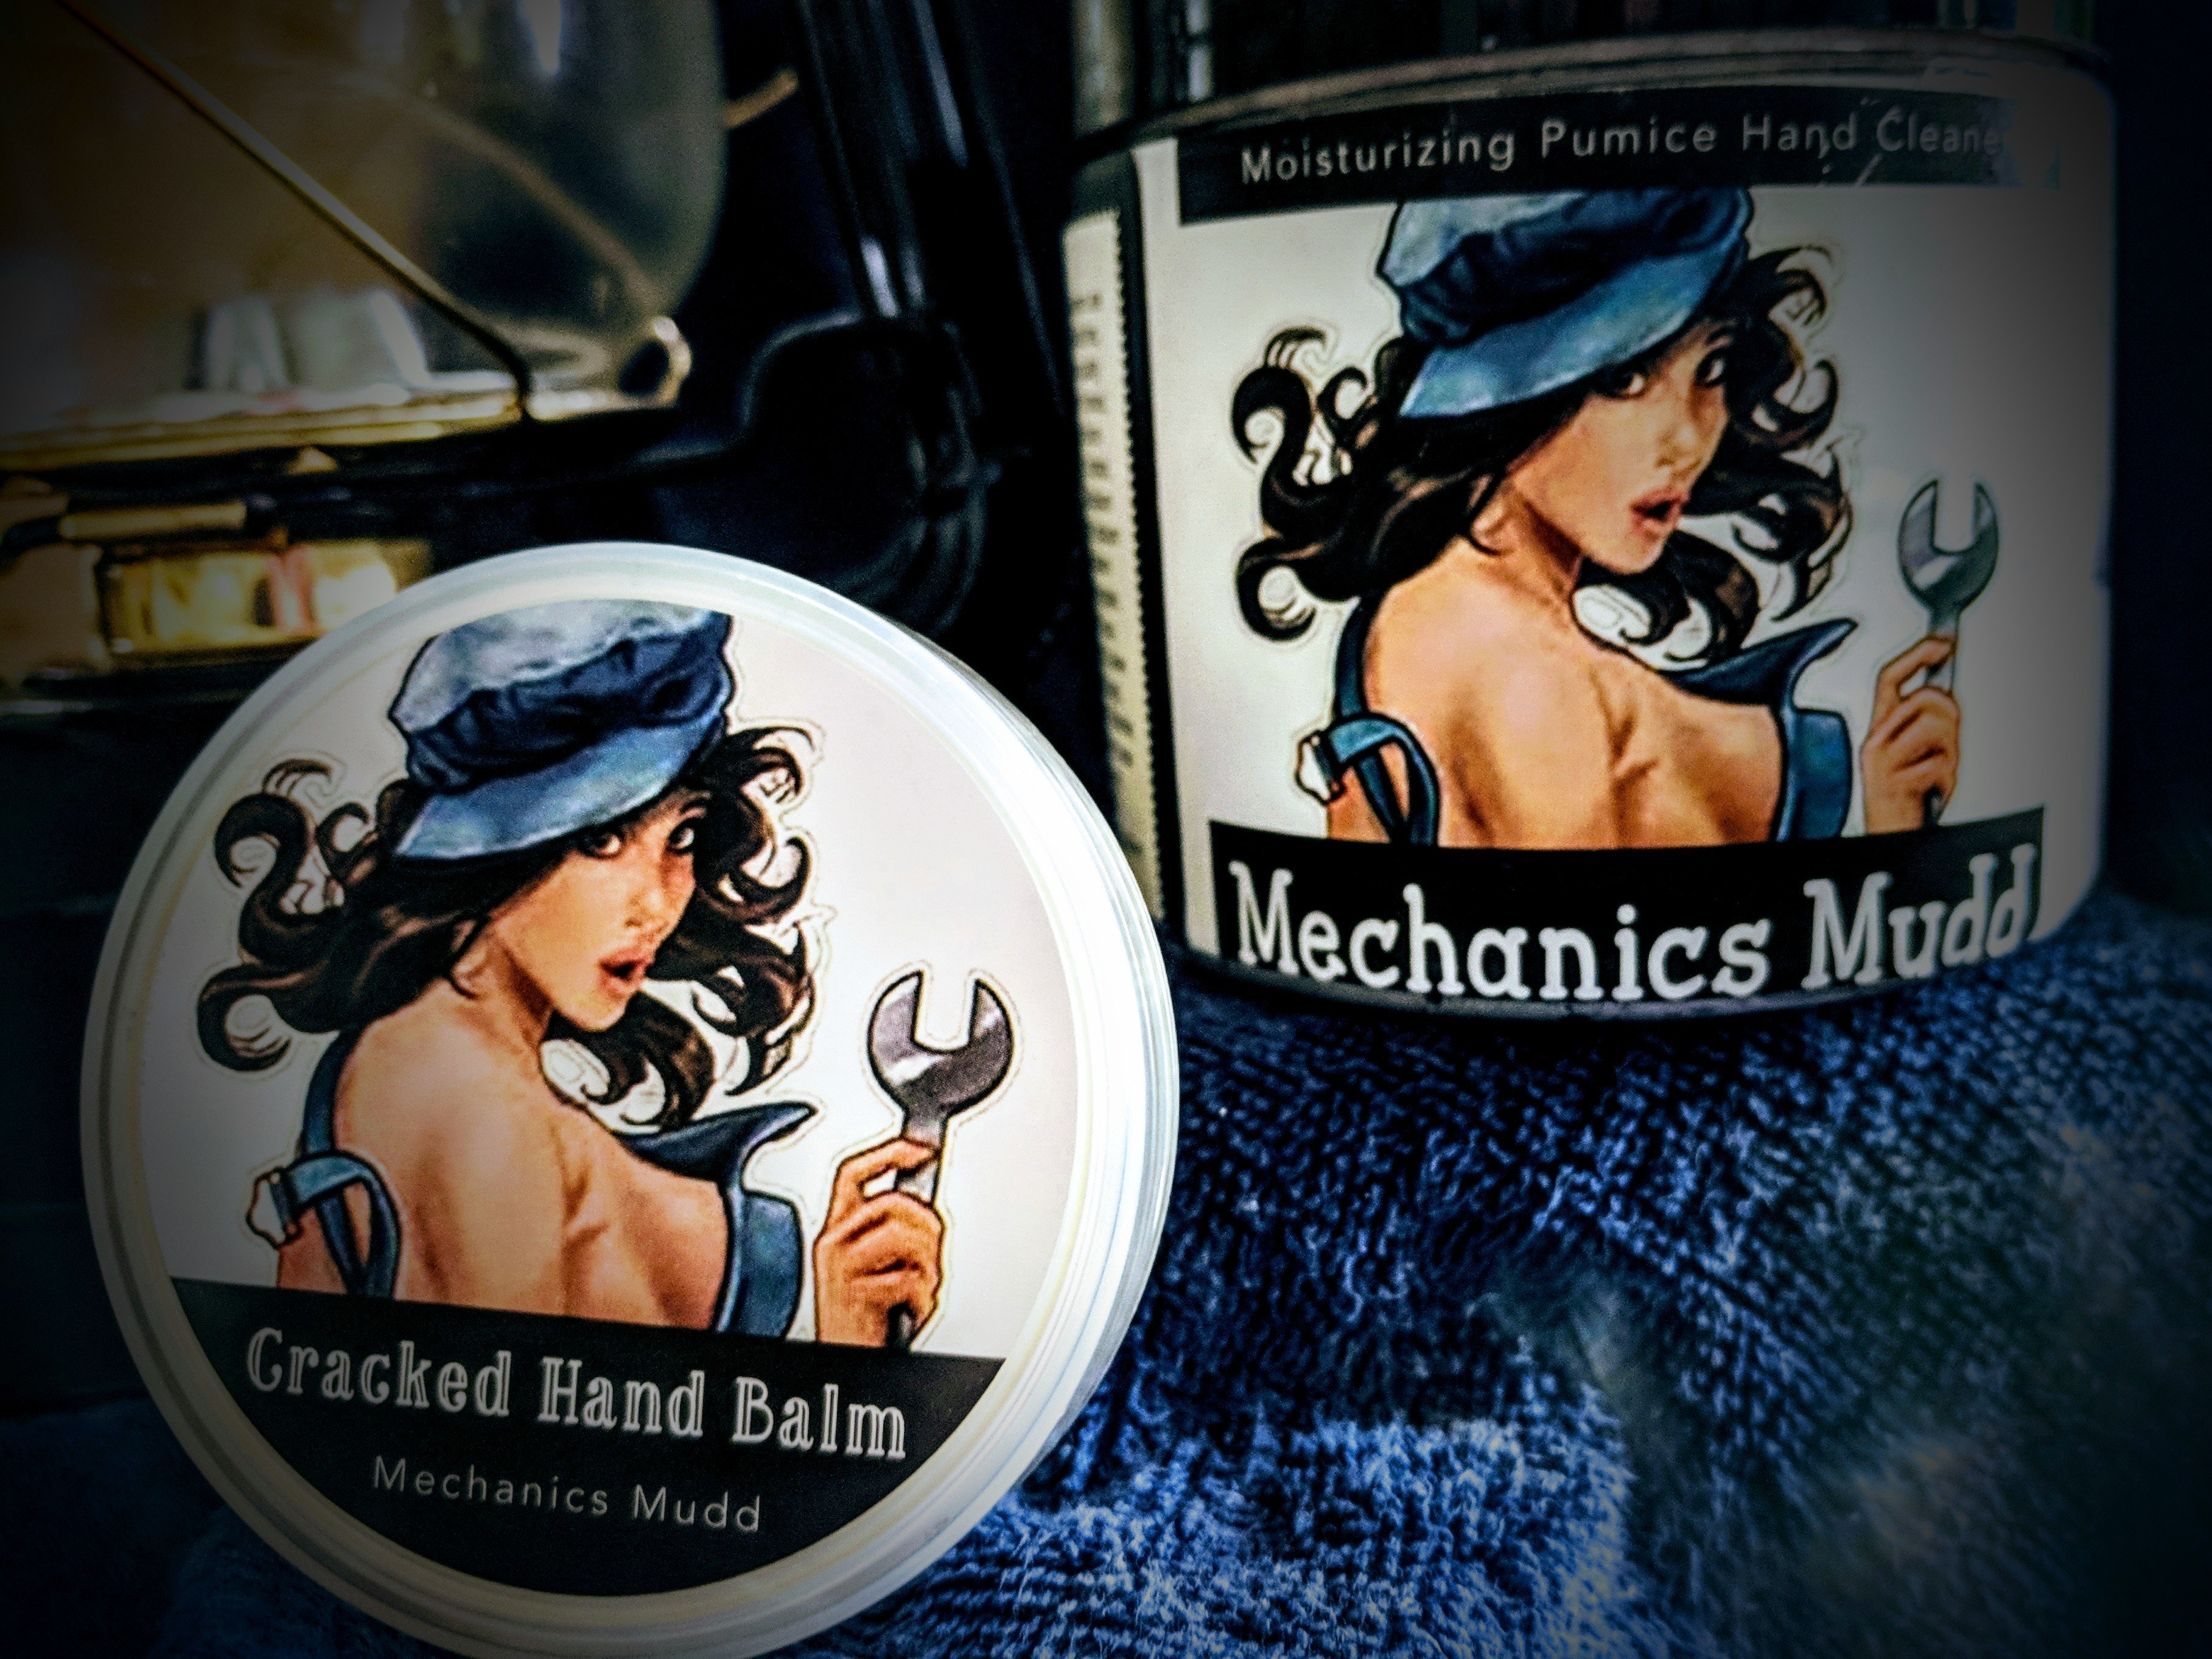 Mechanics Mudd Cracked Hand Balm 00130